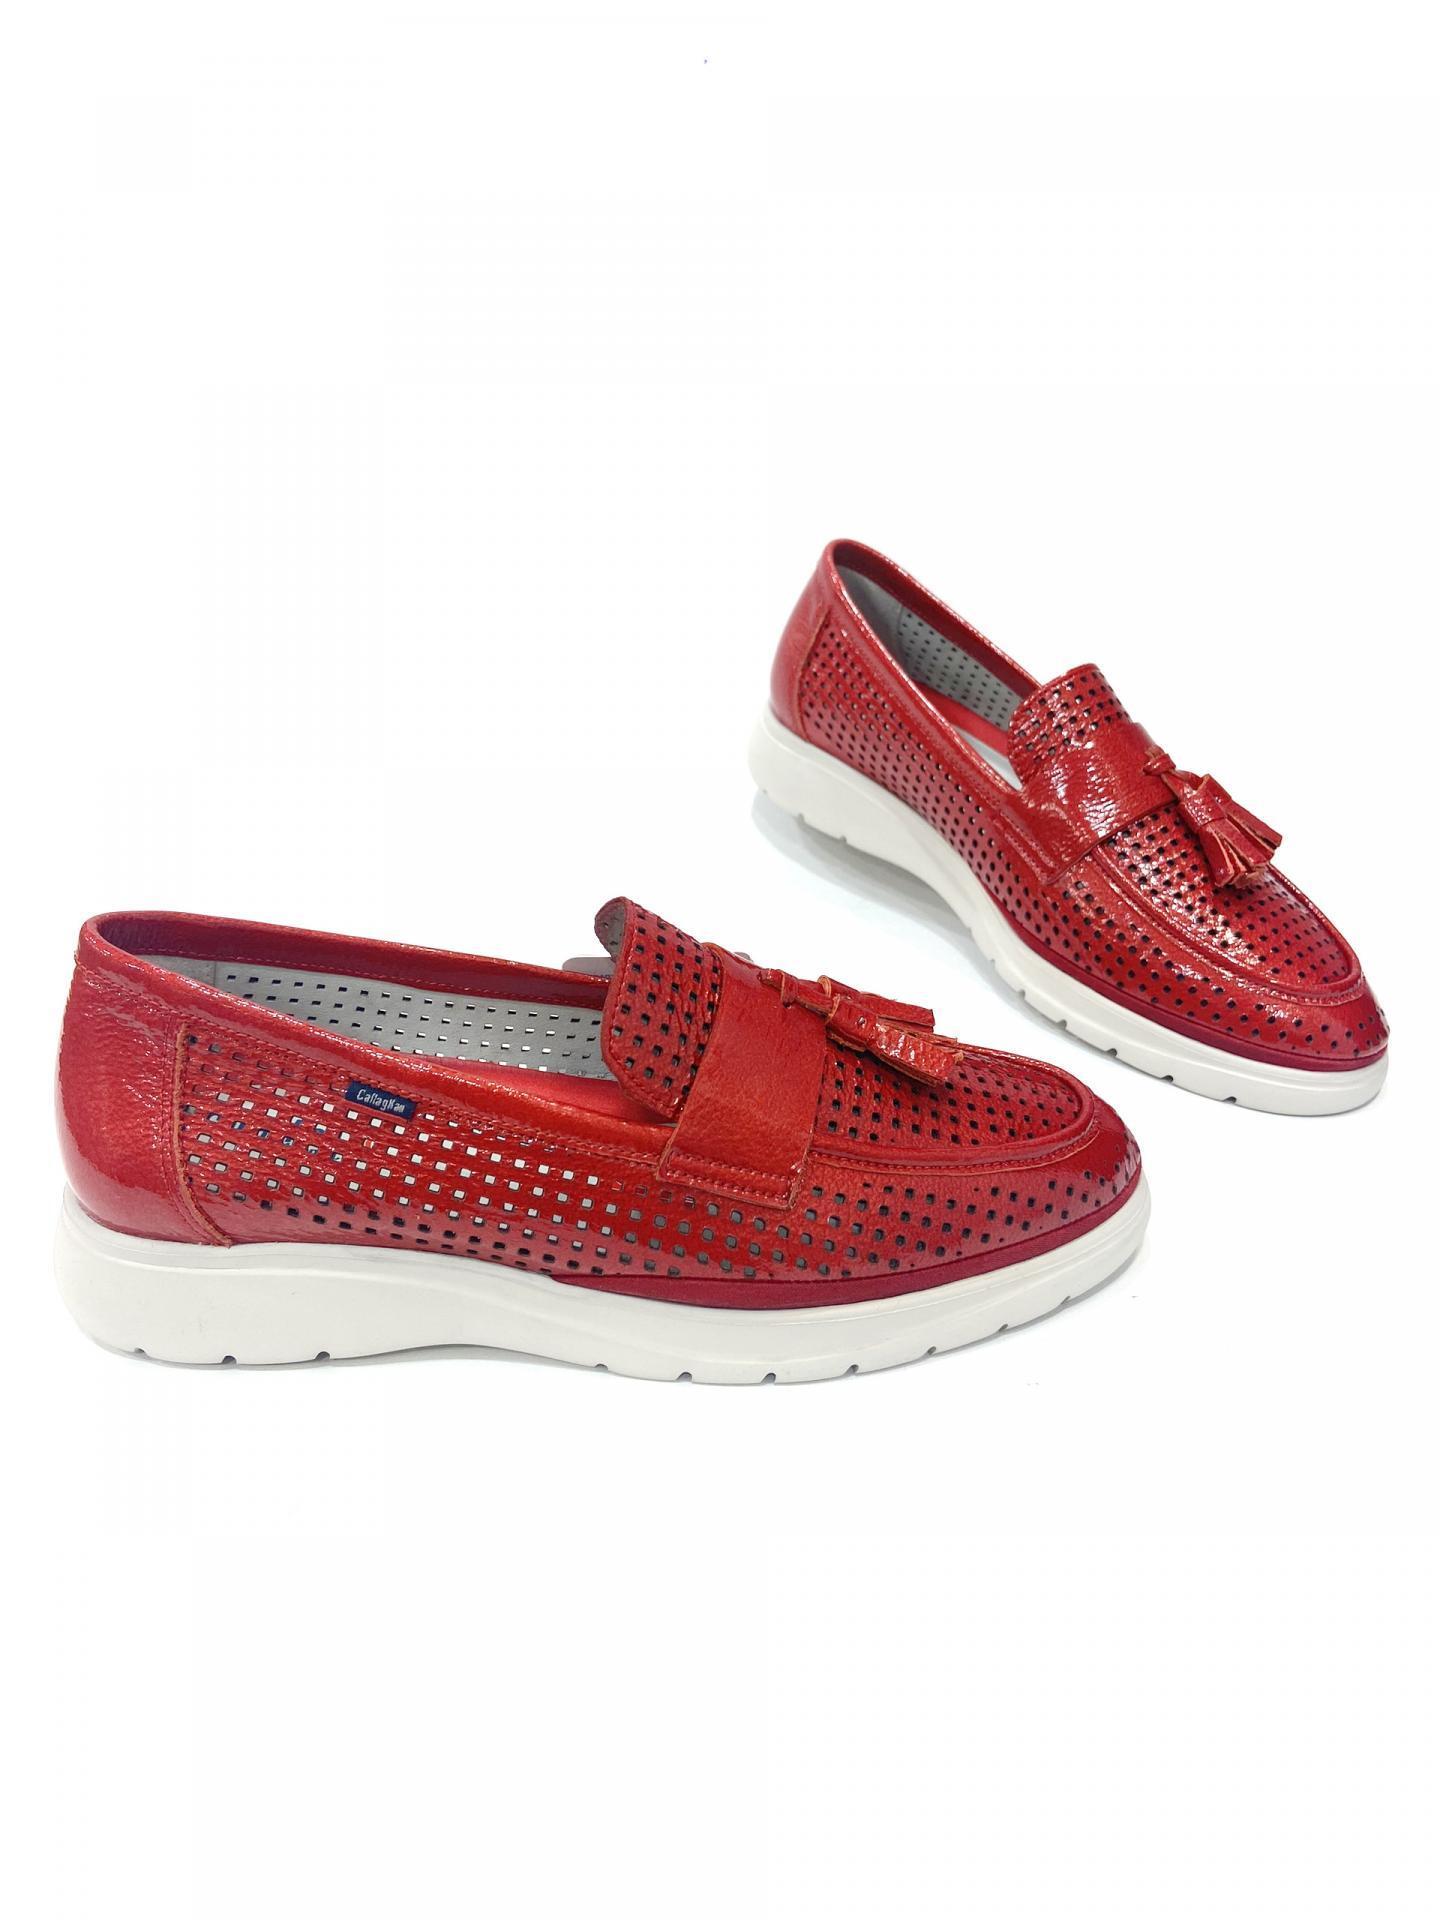 zapatos cómodos de mujer para fiesta